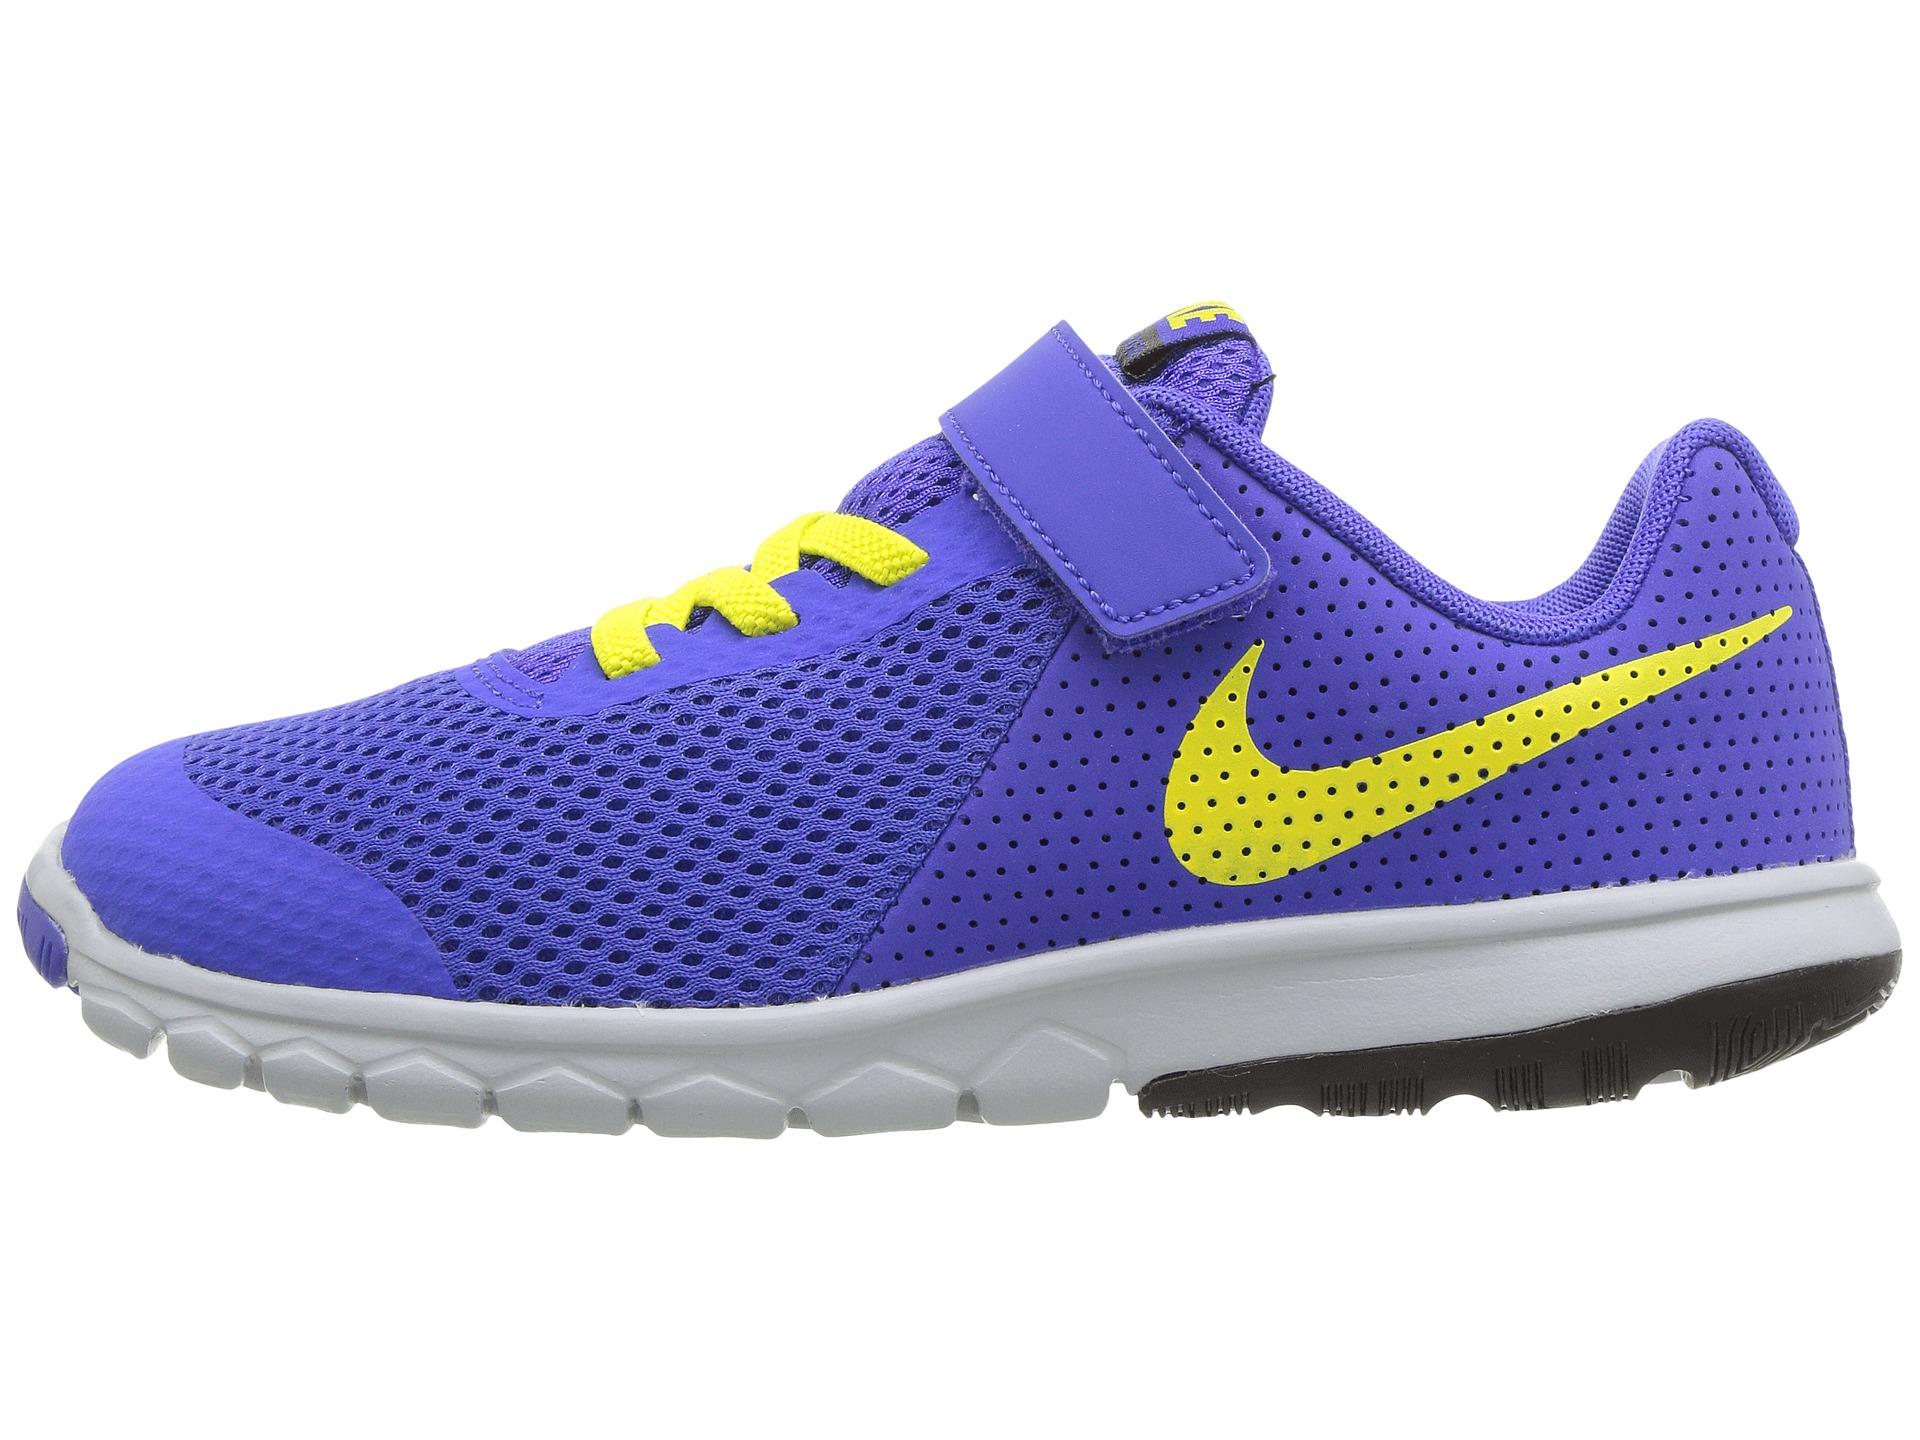 low priced 07de7 1fc87 Nike Air Zoom Pegasus 33 White Blue Running Shoe Finder